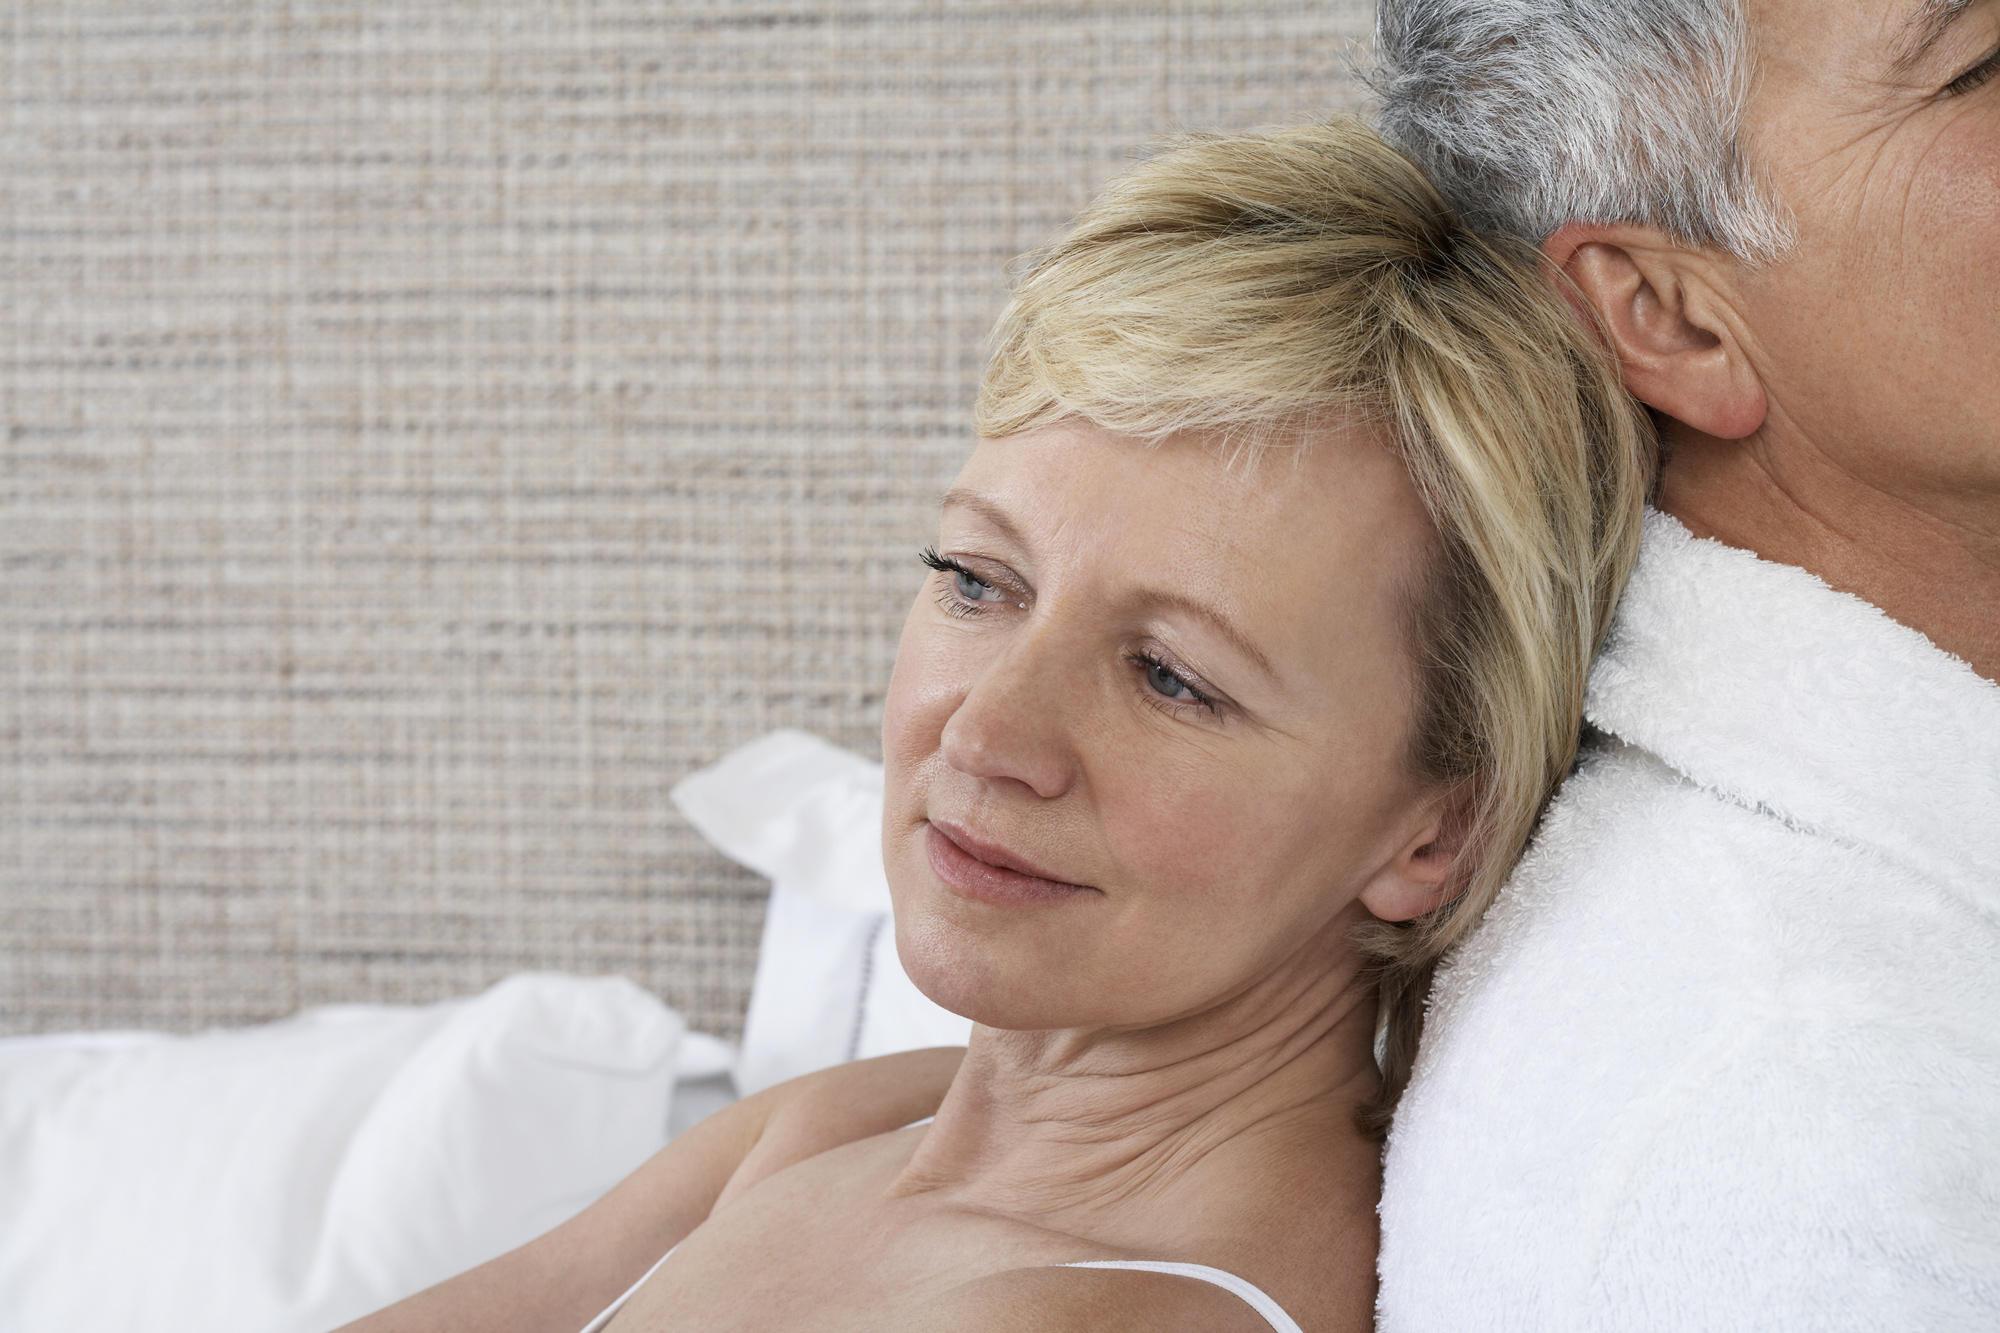 Frau sucht mann zum schwanger werden